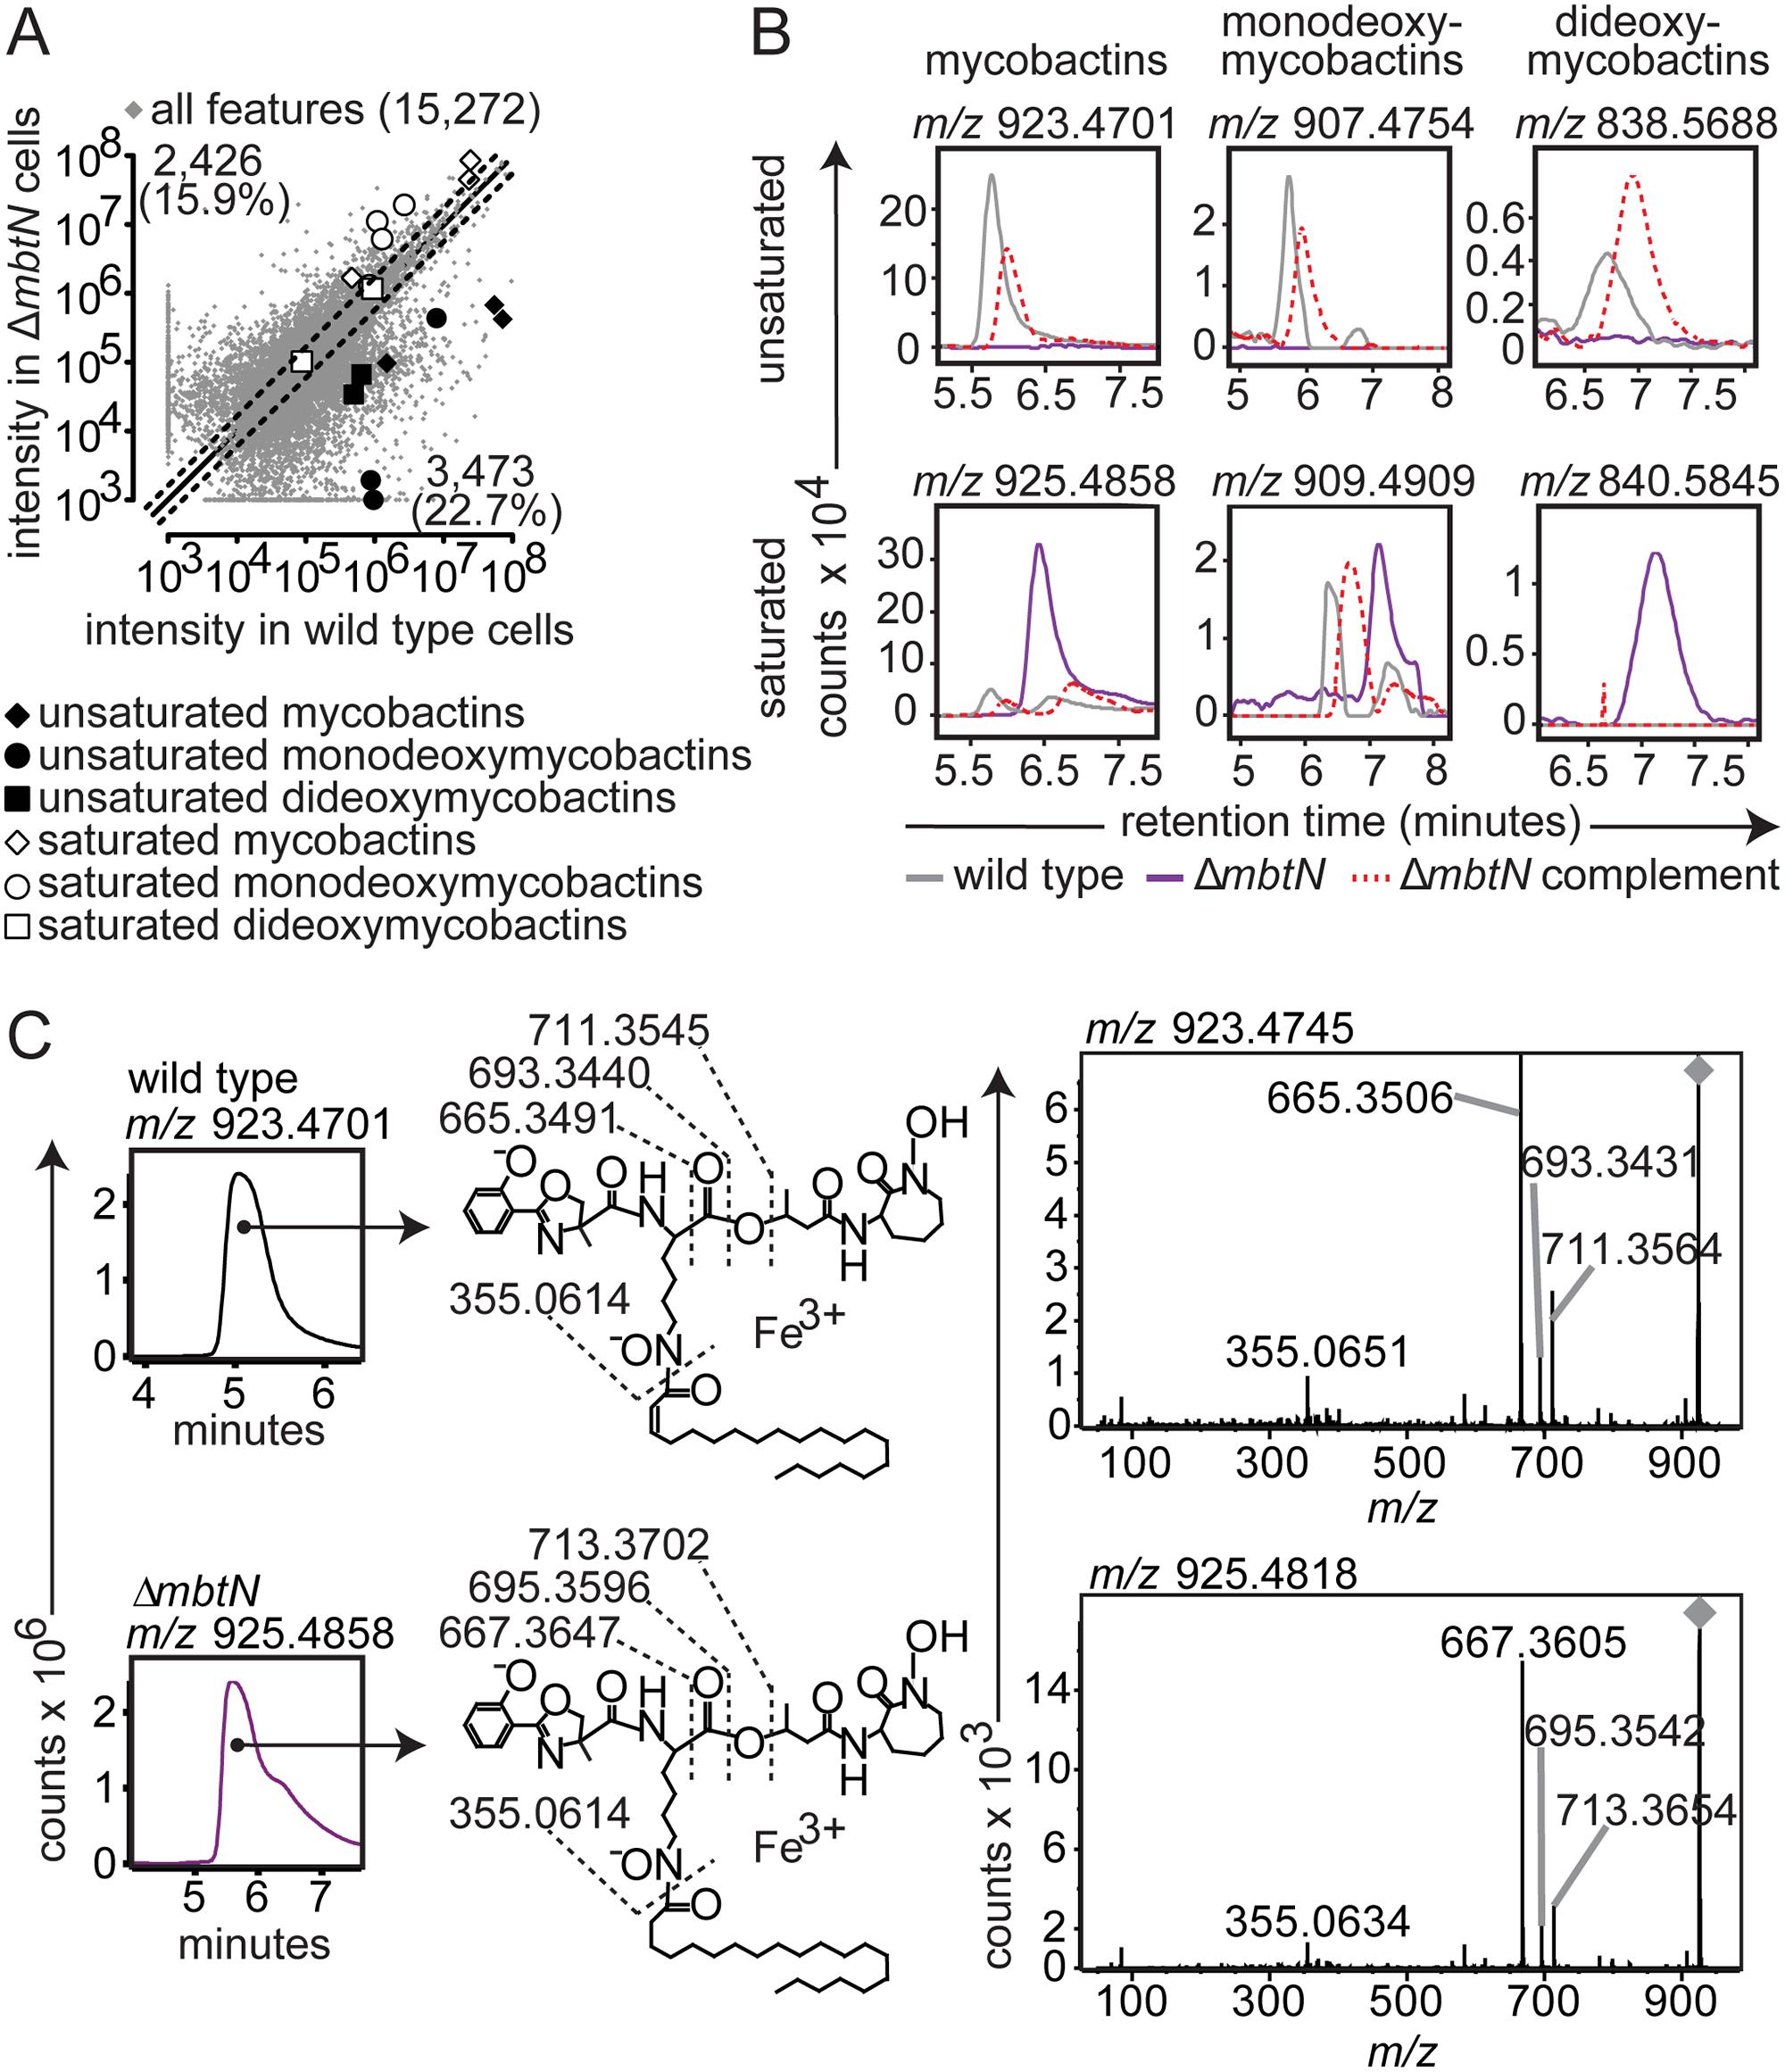 Δ<i>mbtN</i> lacks unsaturated mycobactin.